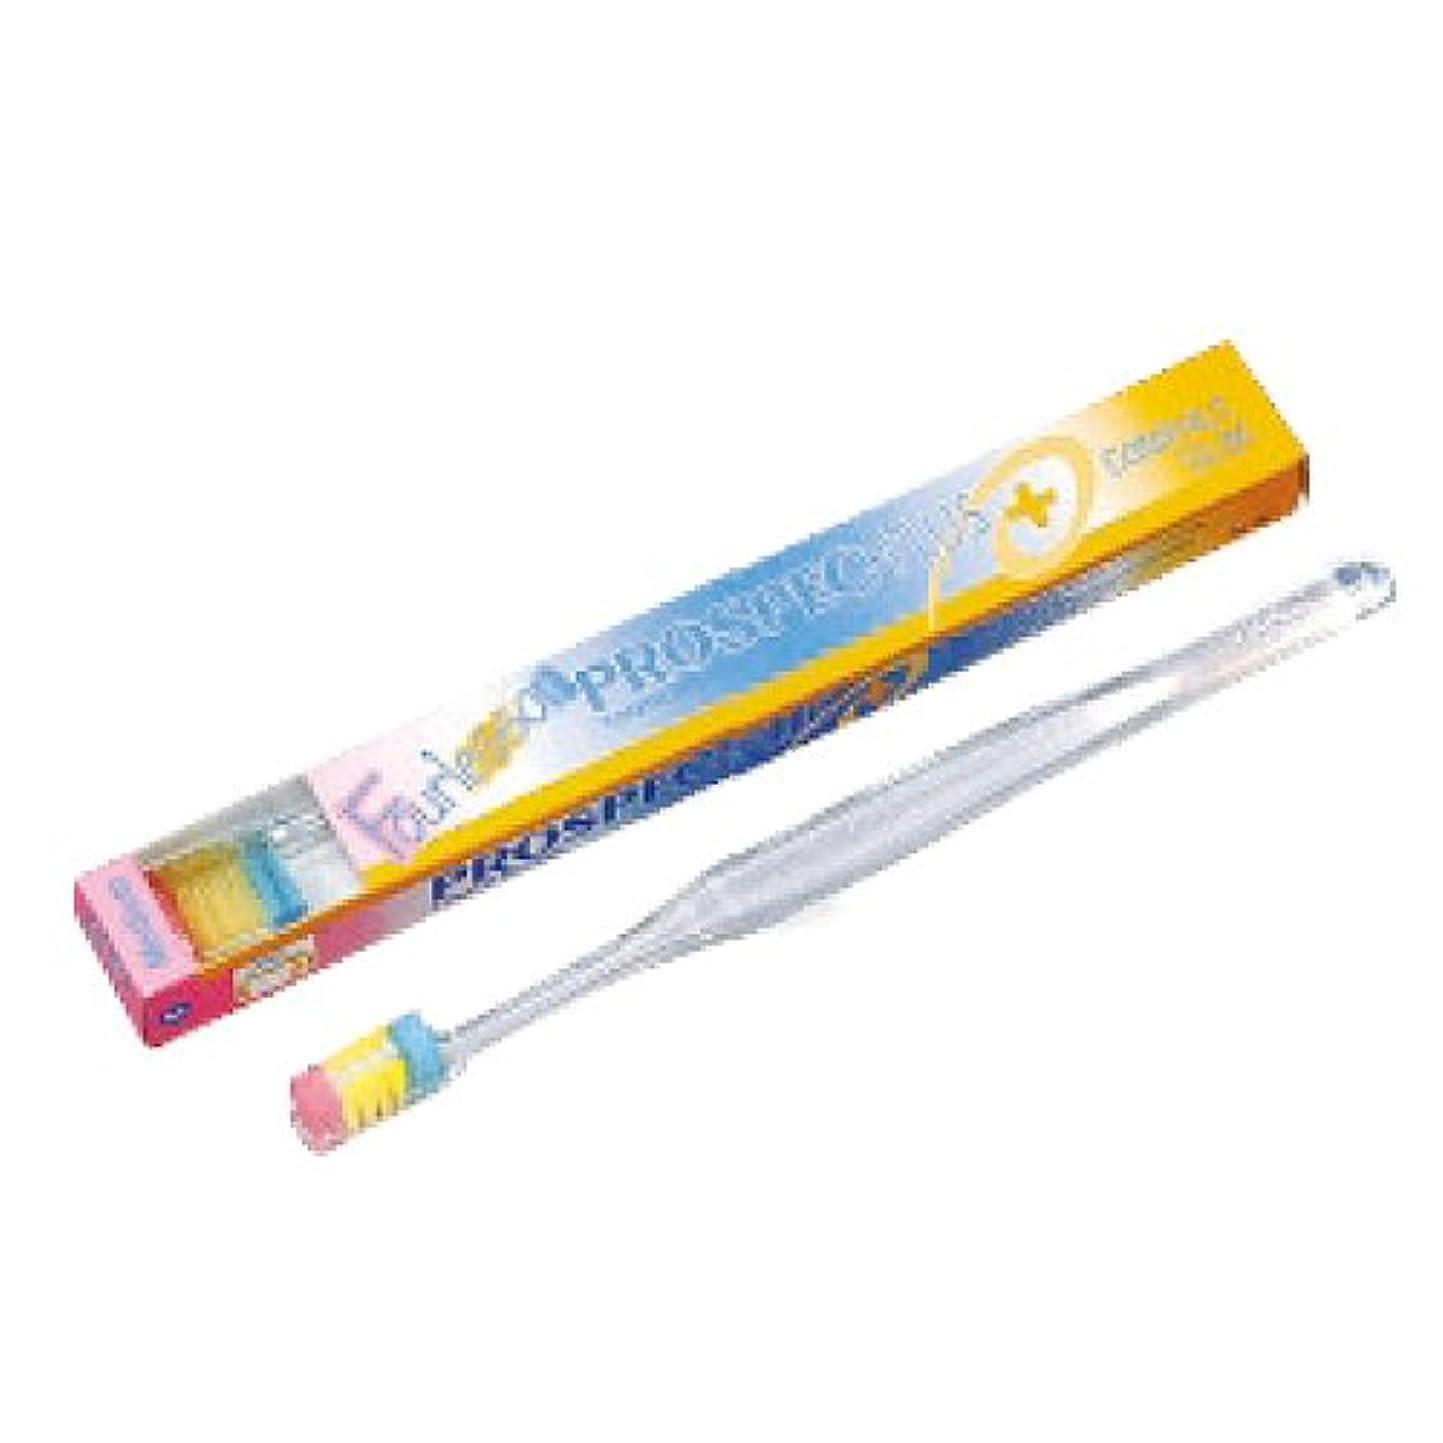 困難株式役員プロスペック 歯ブラシ コンパクトスリム 1本 フォーレッスン 毛の硬さ ふつう